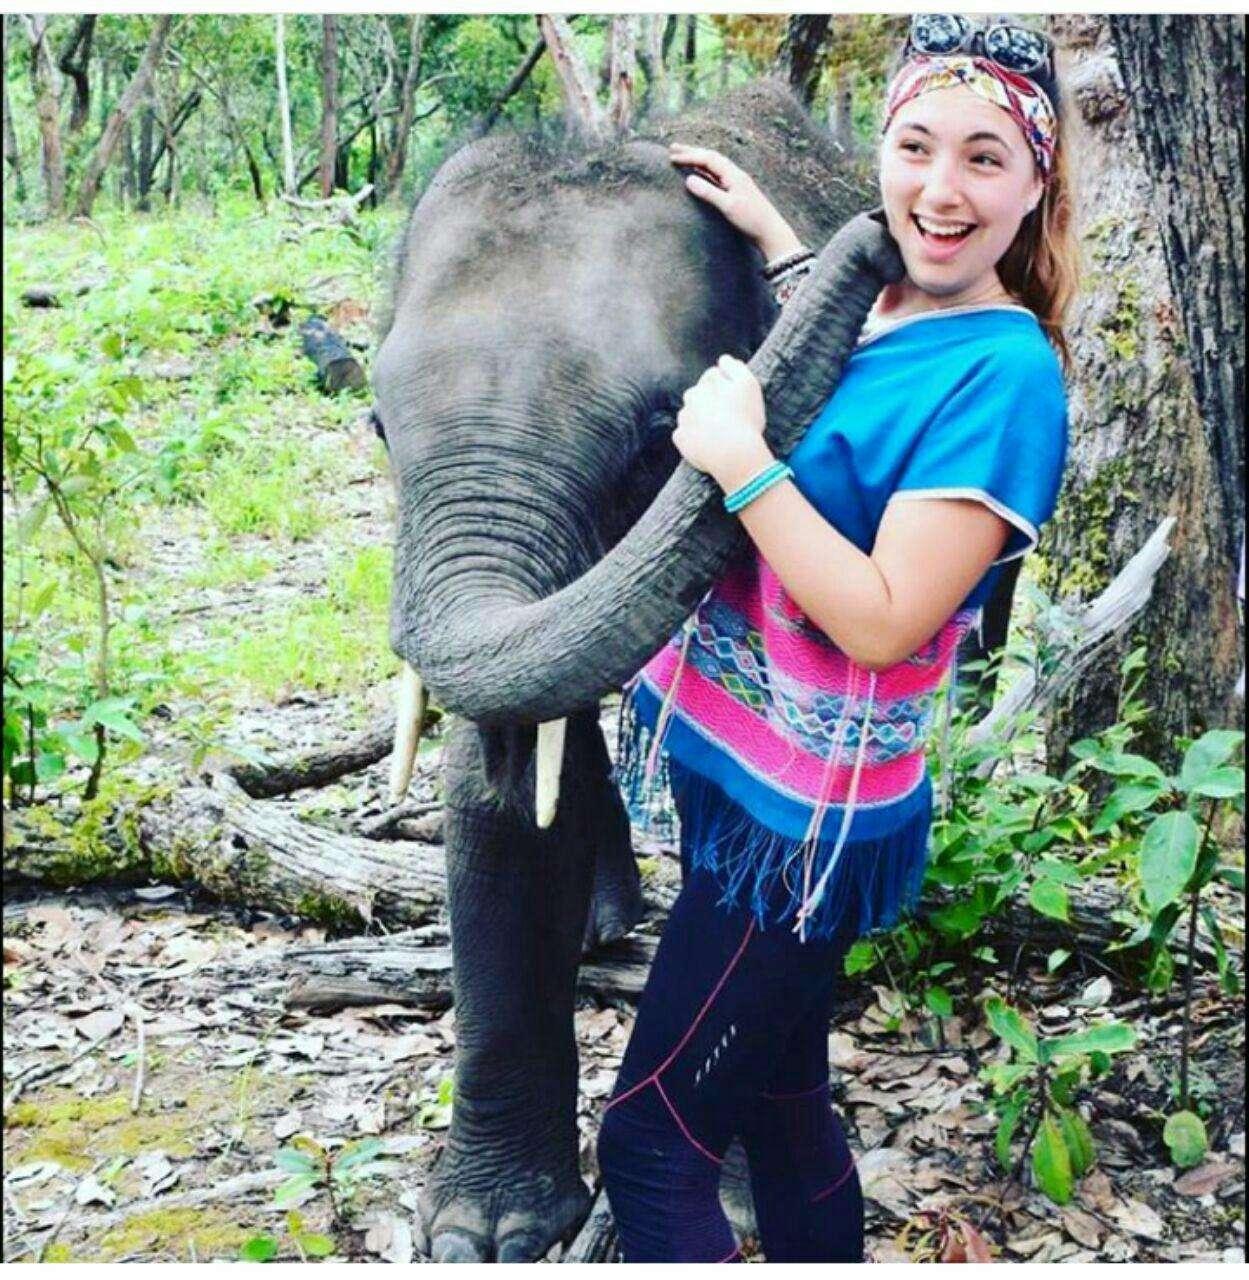 97 12 c33 571 - زندگی مشترک خانواده ای با فیل ها